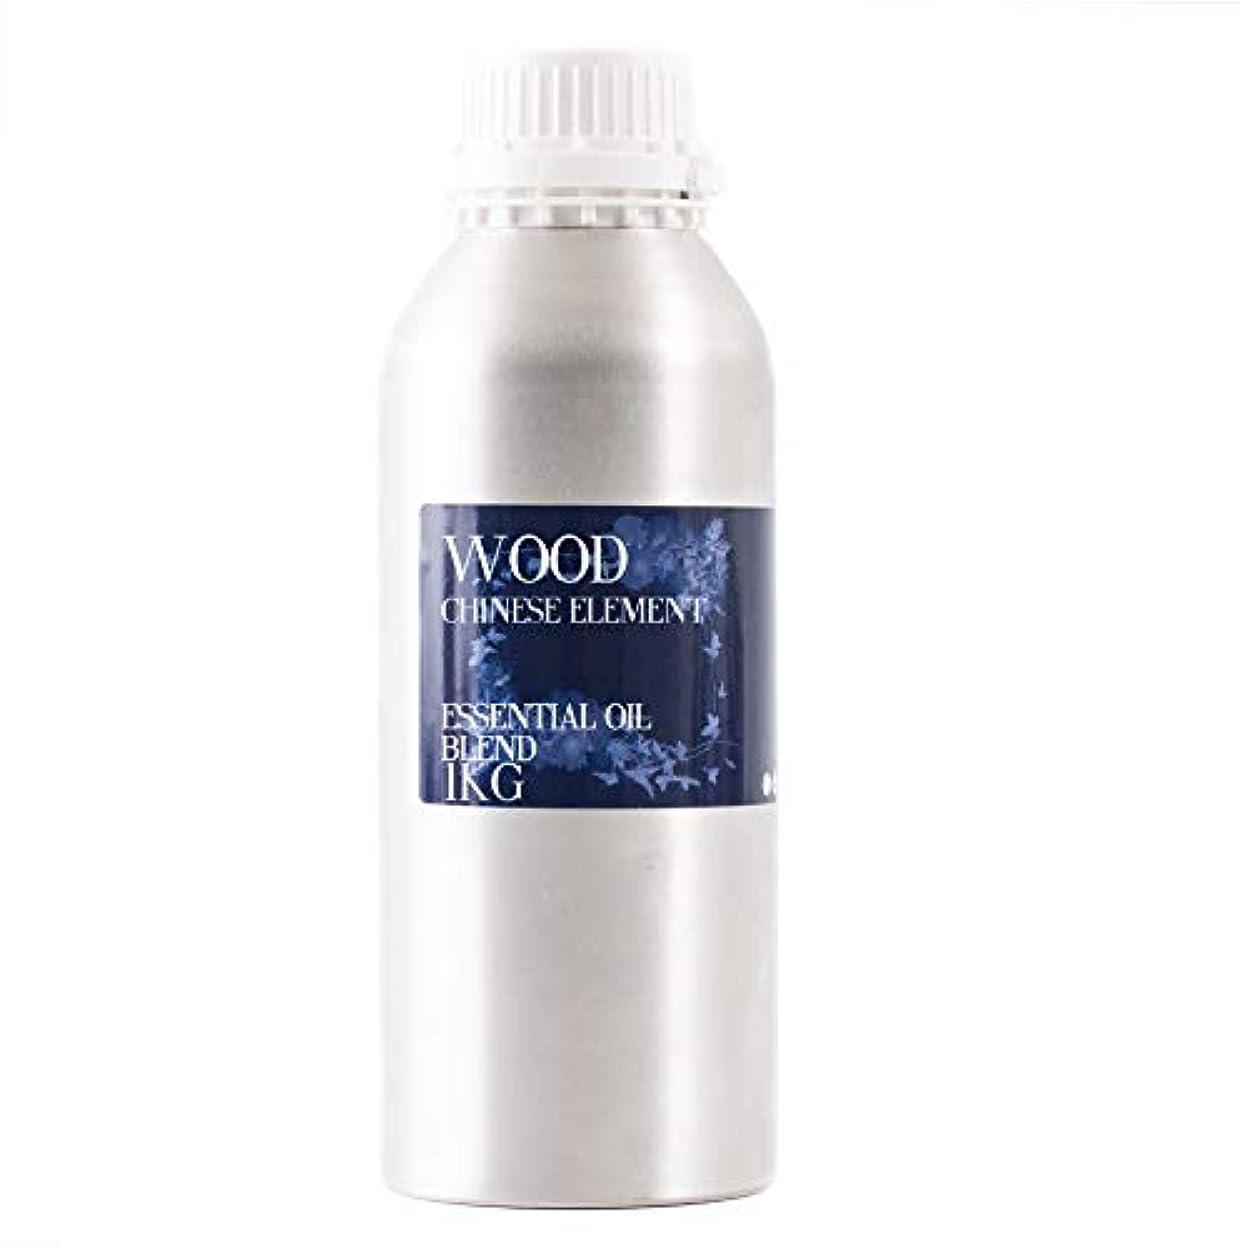 隙間地図気質Mystix London | Chinese Wood Element Essential Oil Blend - 1Kg